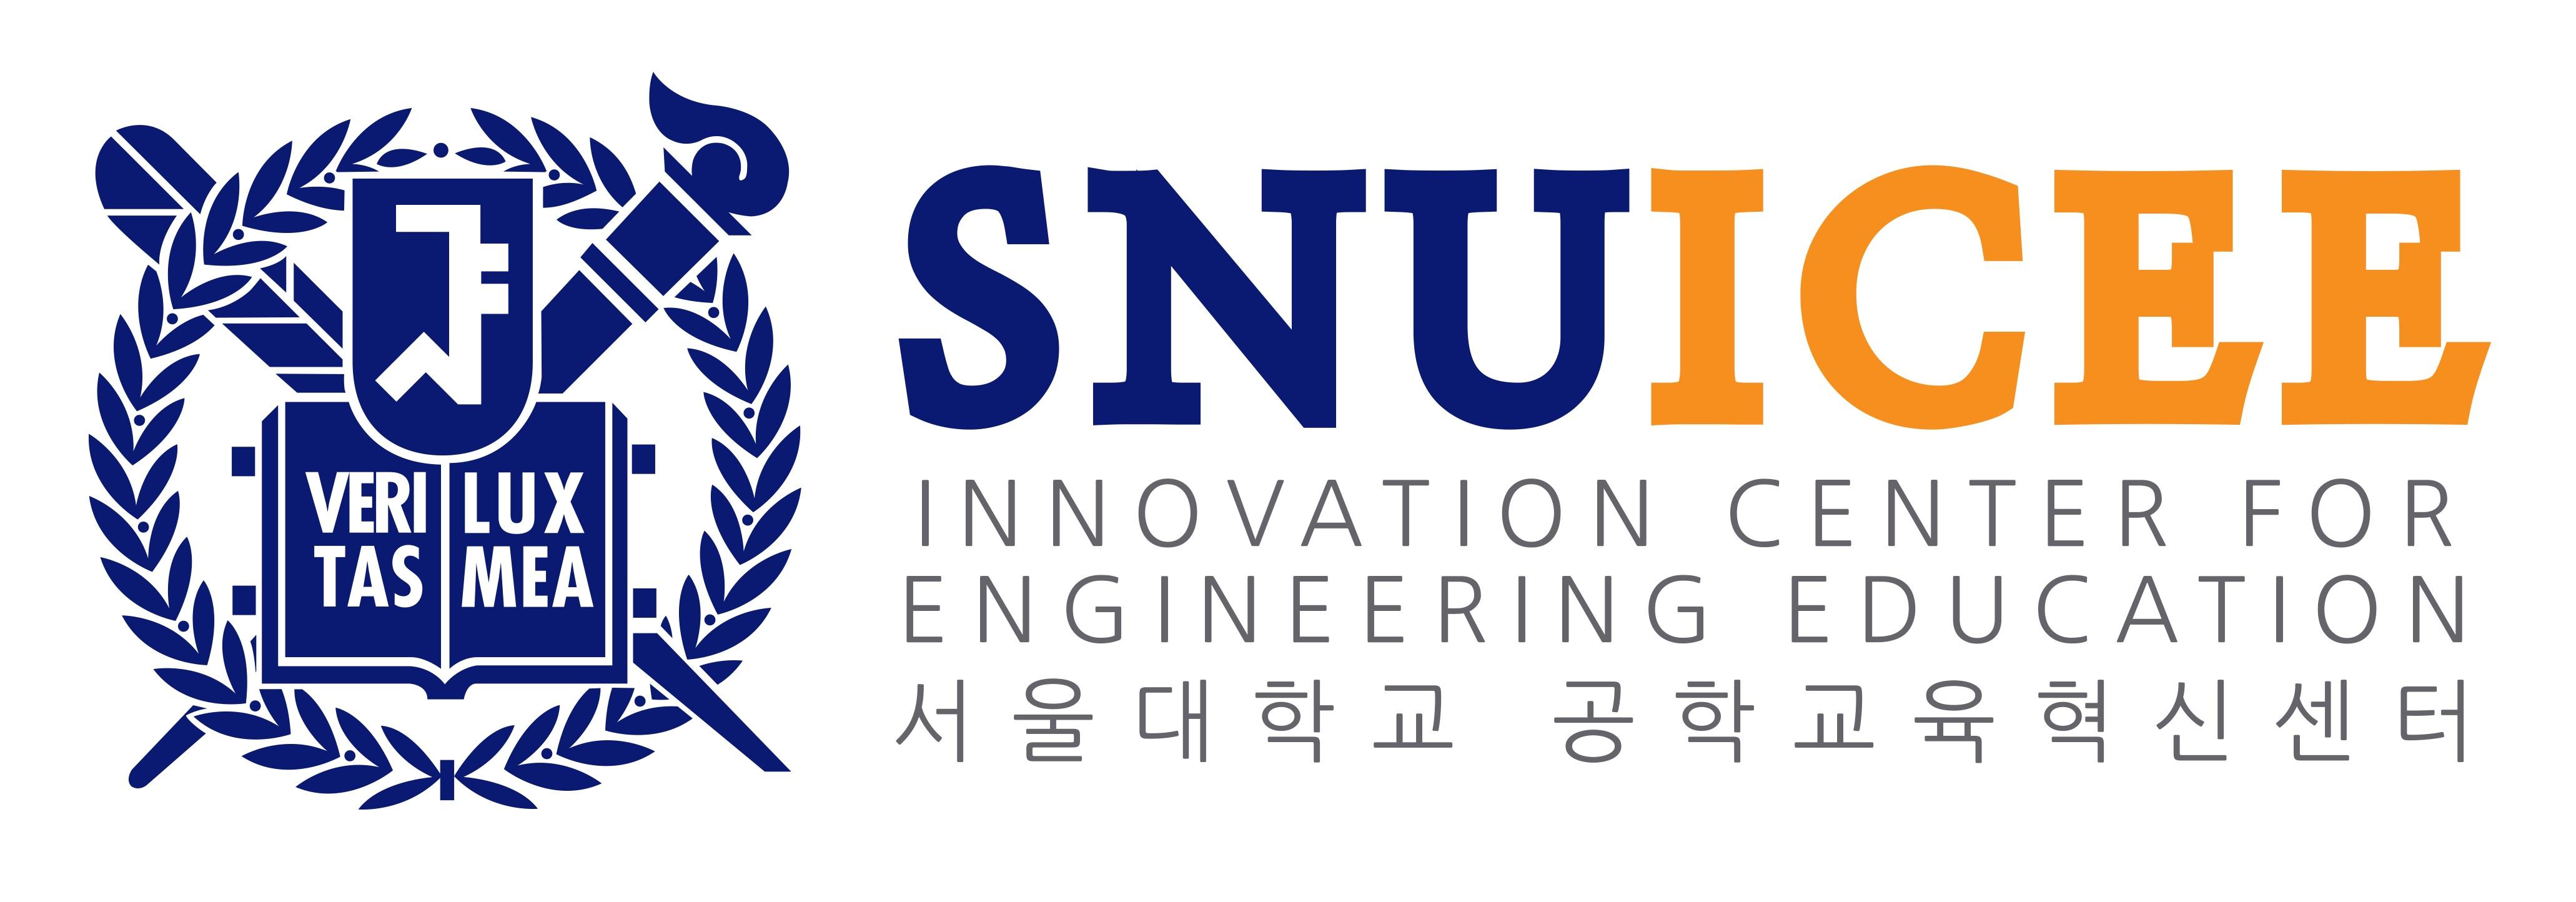 서울대학교 공학교육혁신센터의 기업로고